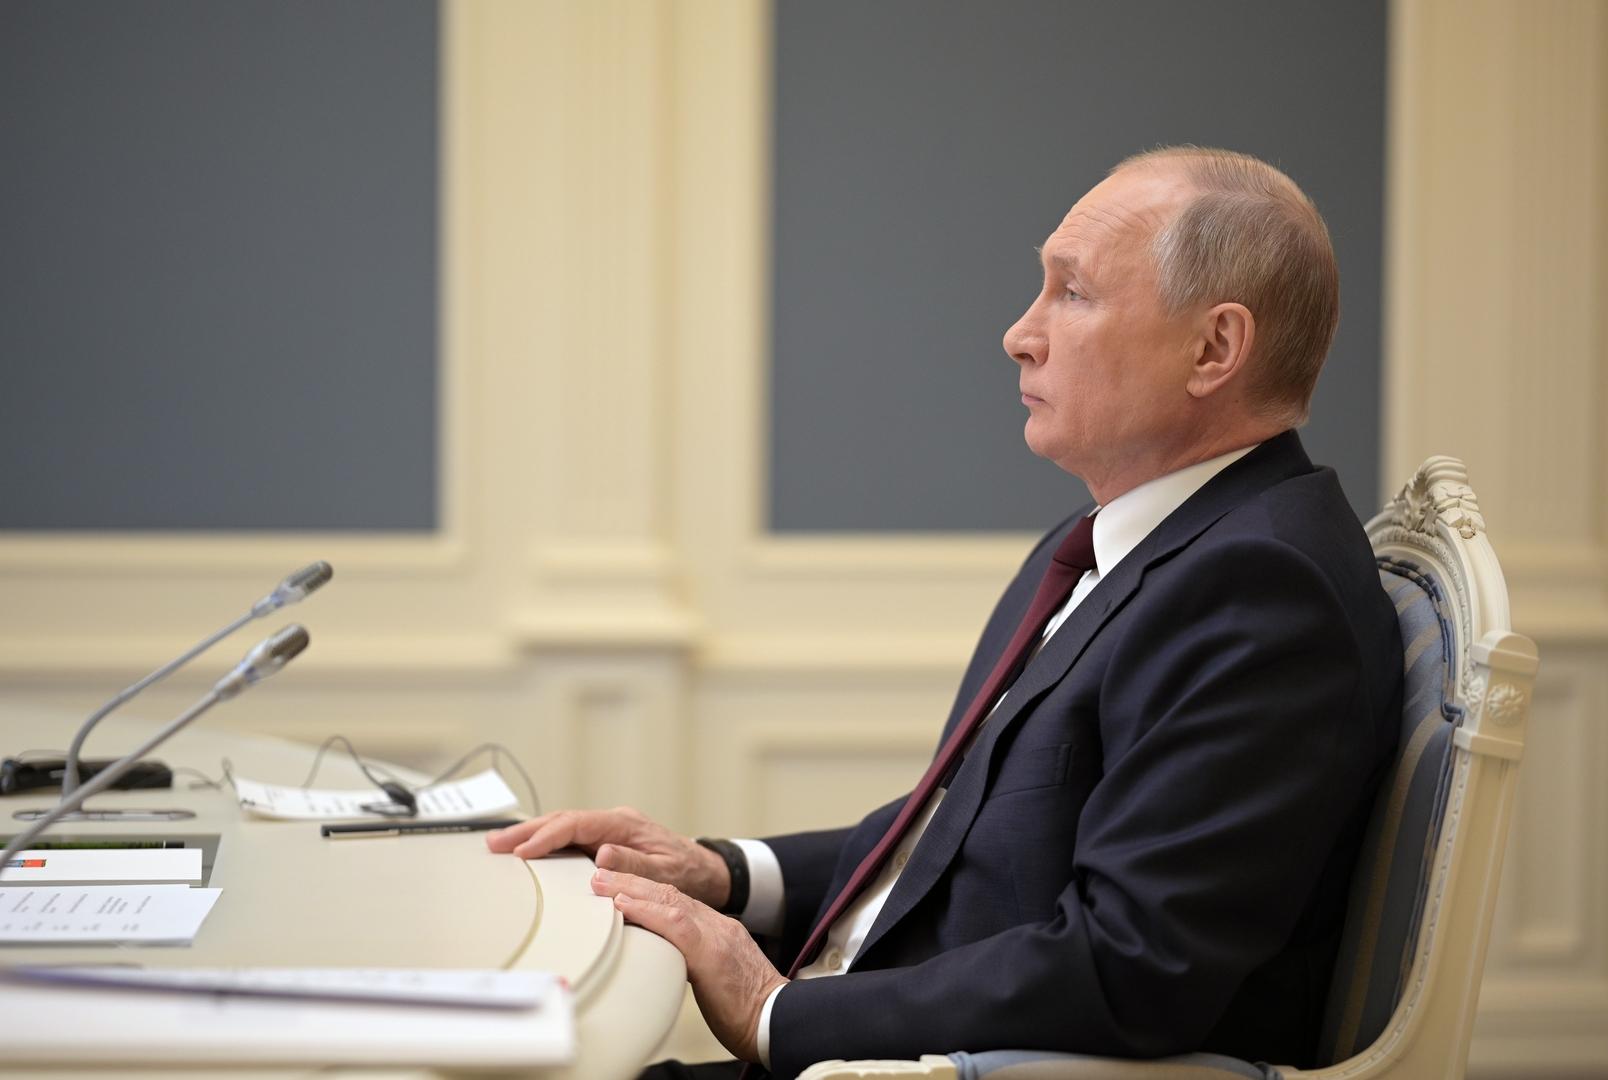 بوتين يحذر من تآكل القانون الدولي ويشدد على أهمية الأمم المتحدة